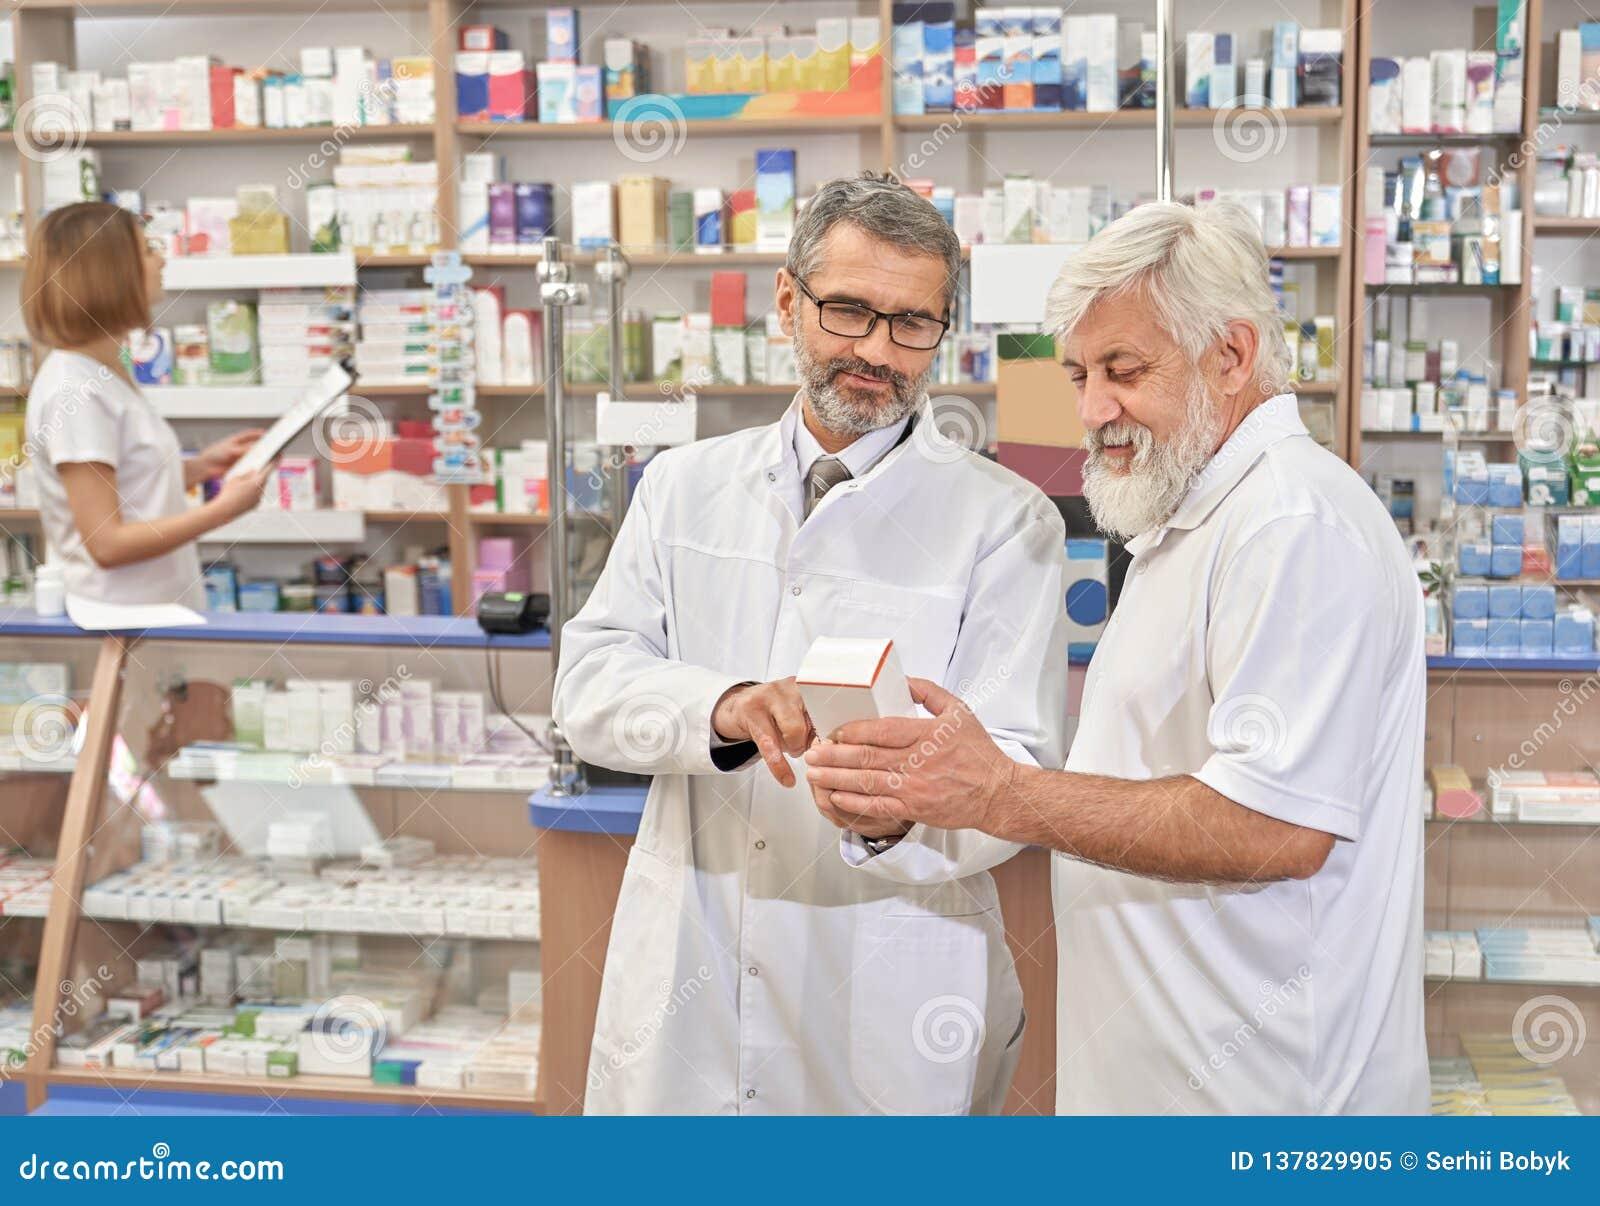 Doktor helfendes pansioner mit Wahl von Medizin